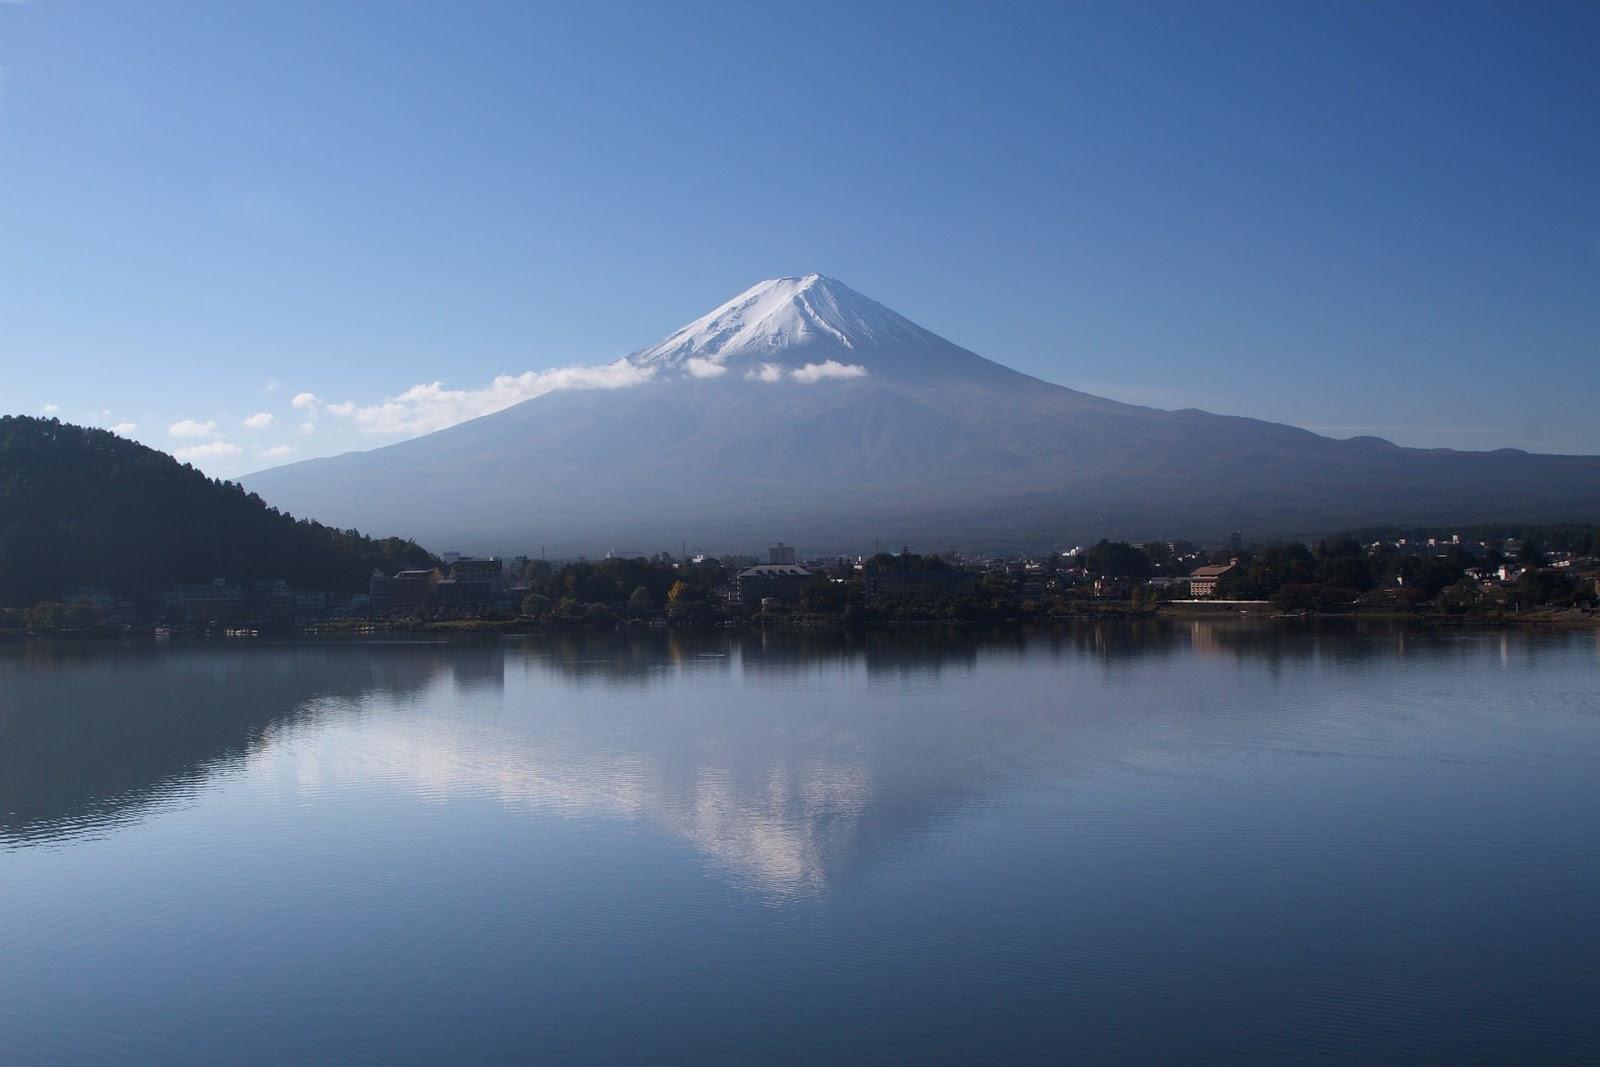 danau kawaguchiko